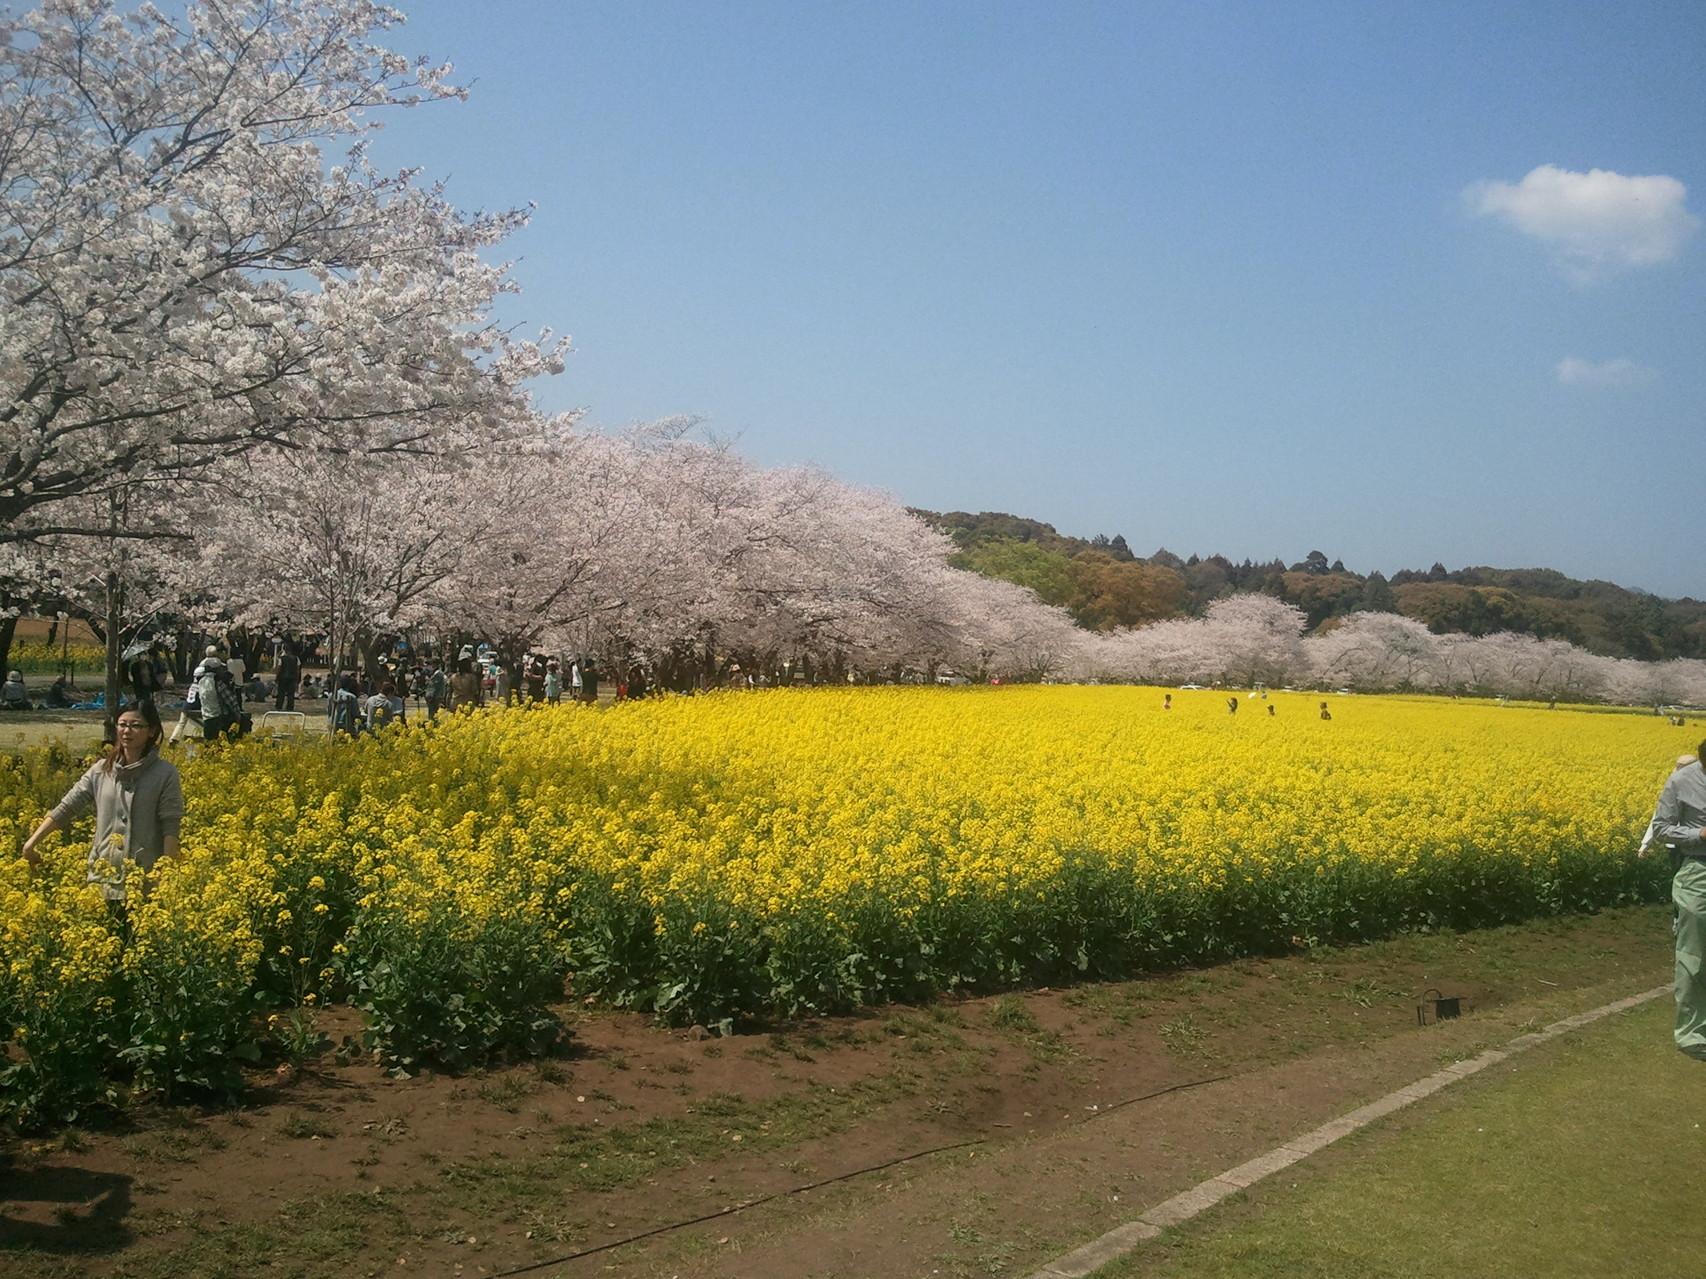 西都原古墳郡の菜の花畑